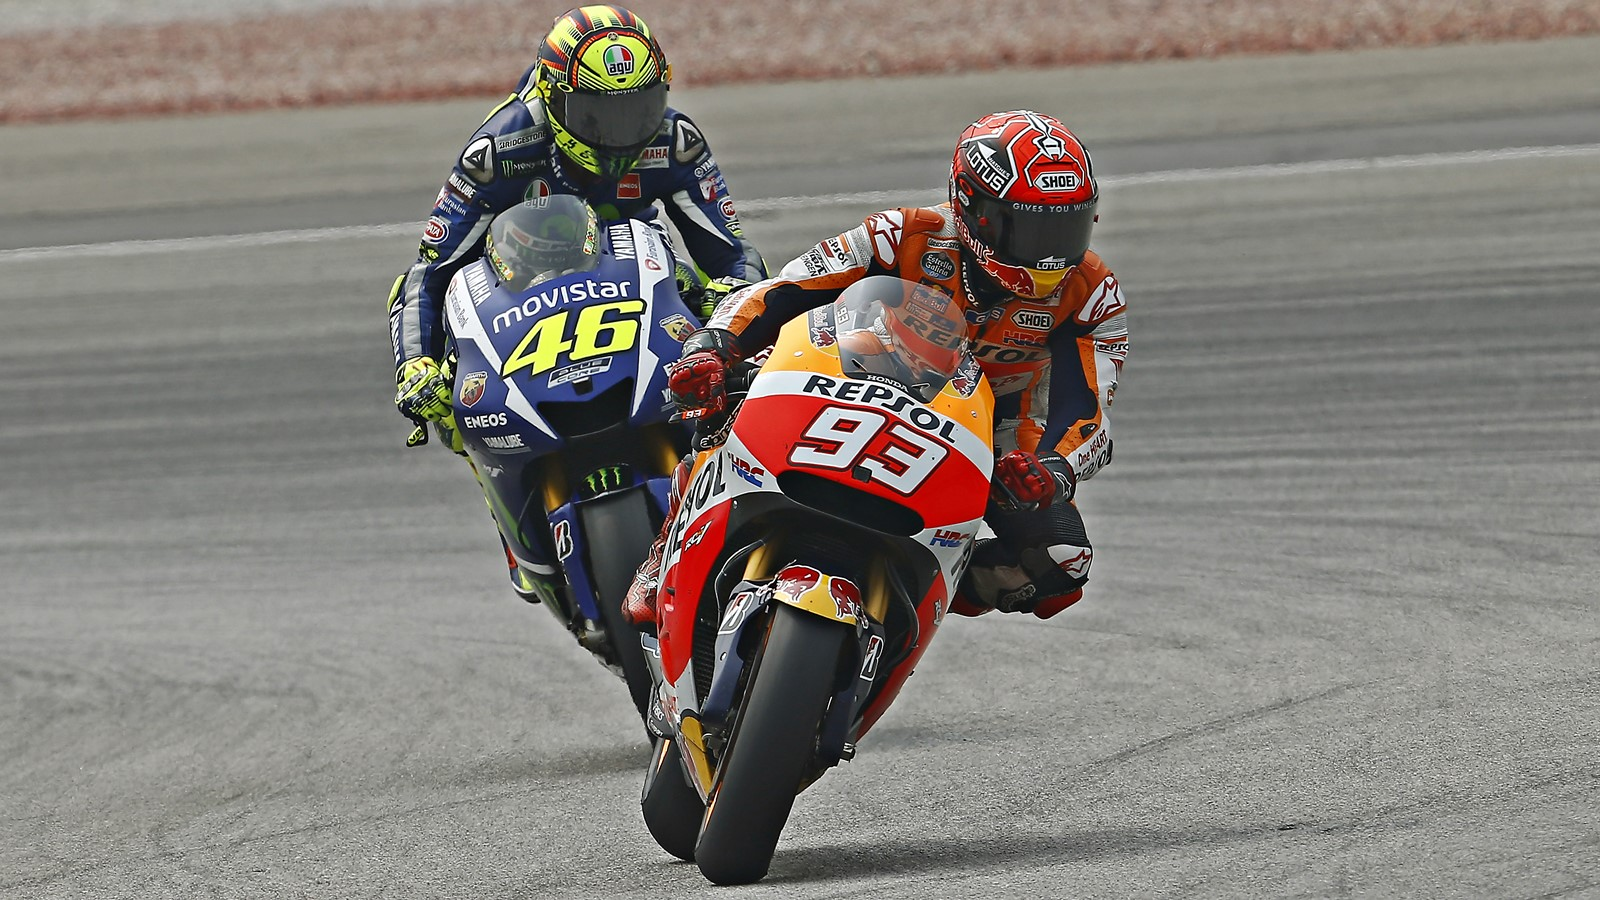 Wallpaper Rossi Marquez - impremedia.net